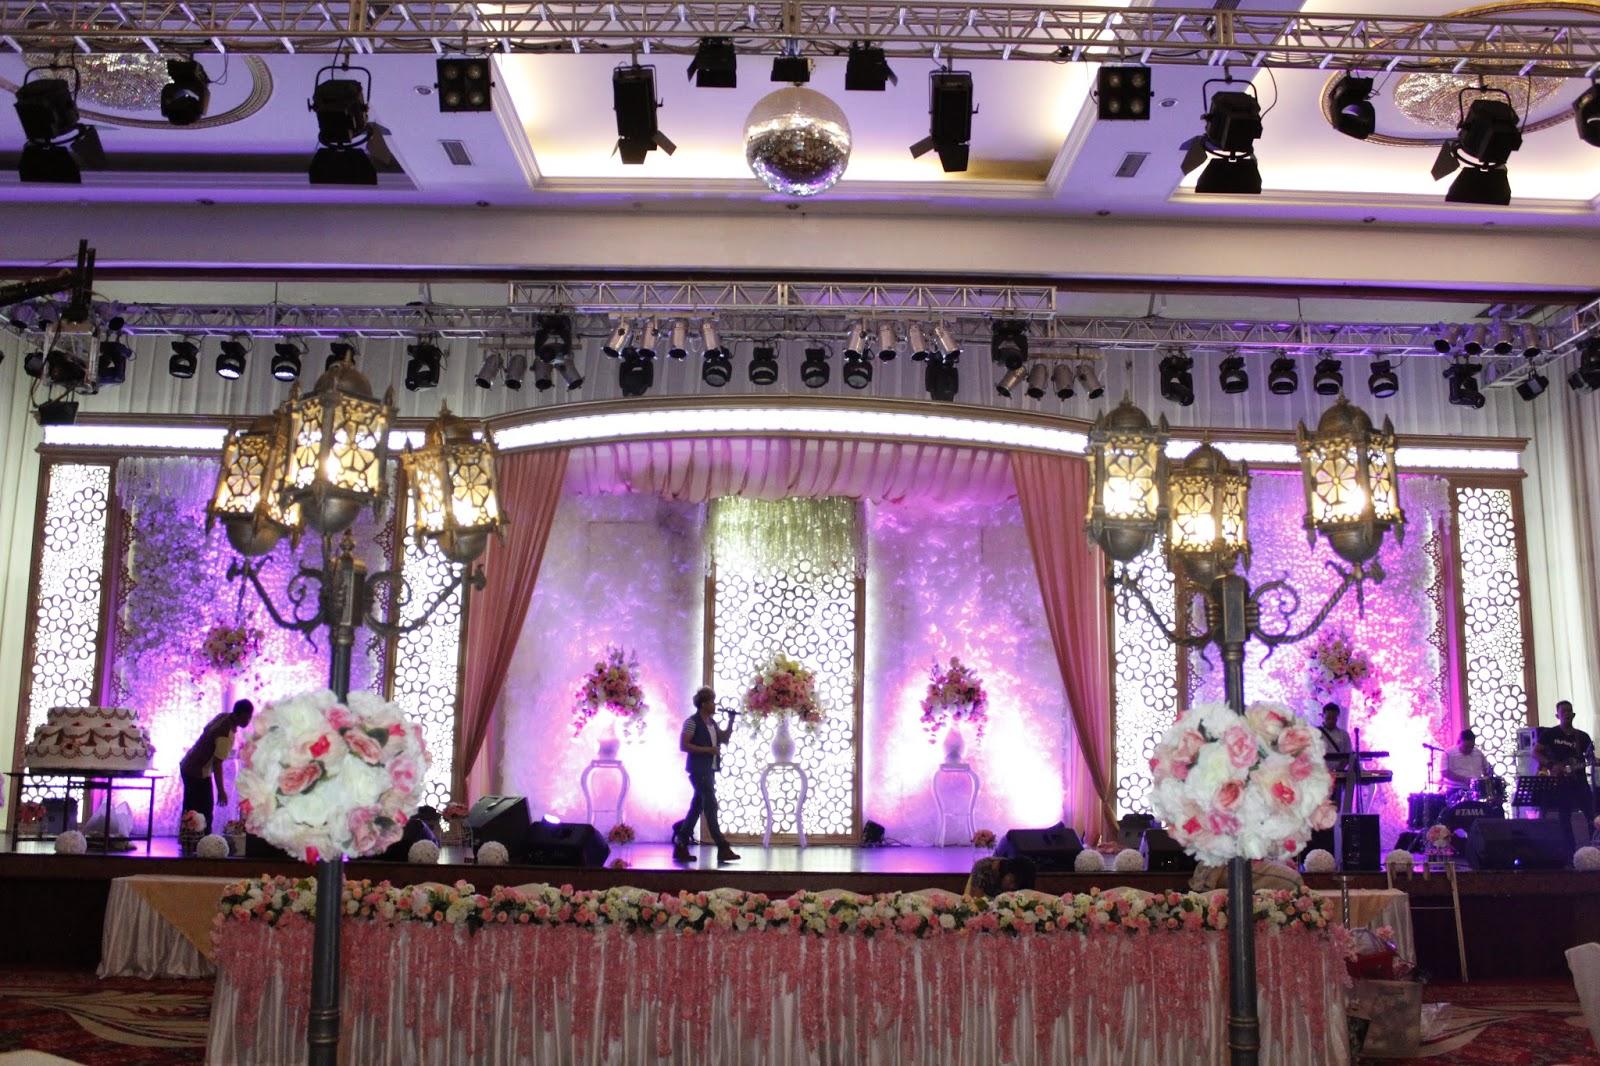 Wedding decoration medan choice image wedding dress decoration selecta 0812 winwin decoration medan 0 komentar junglespirit choice image junglespirit Choice Image